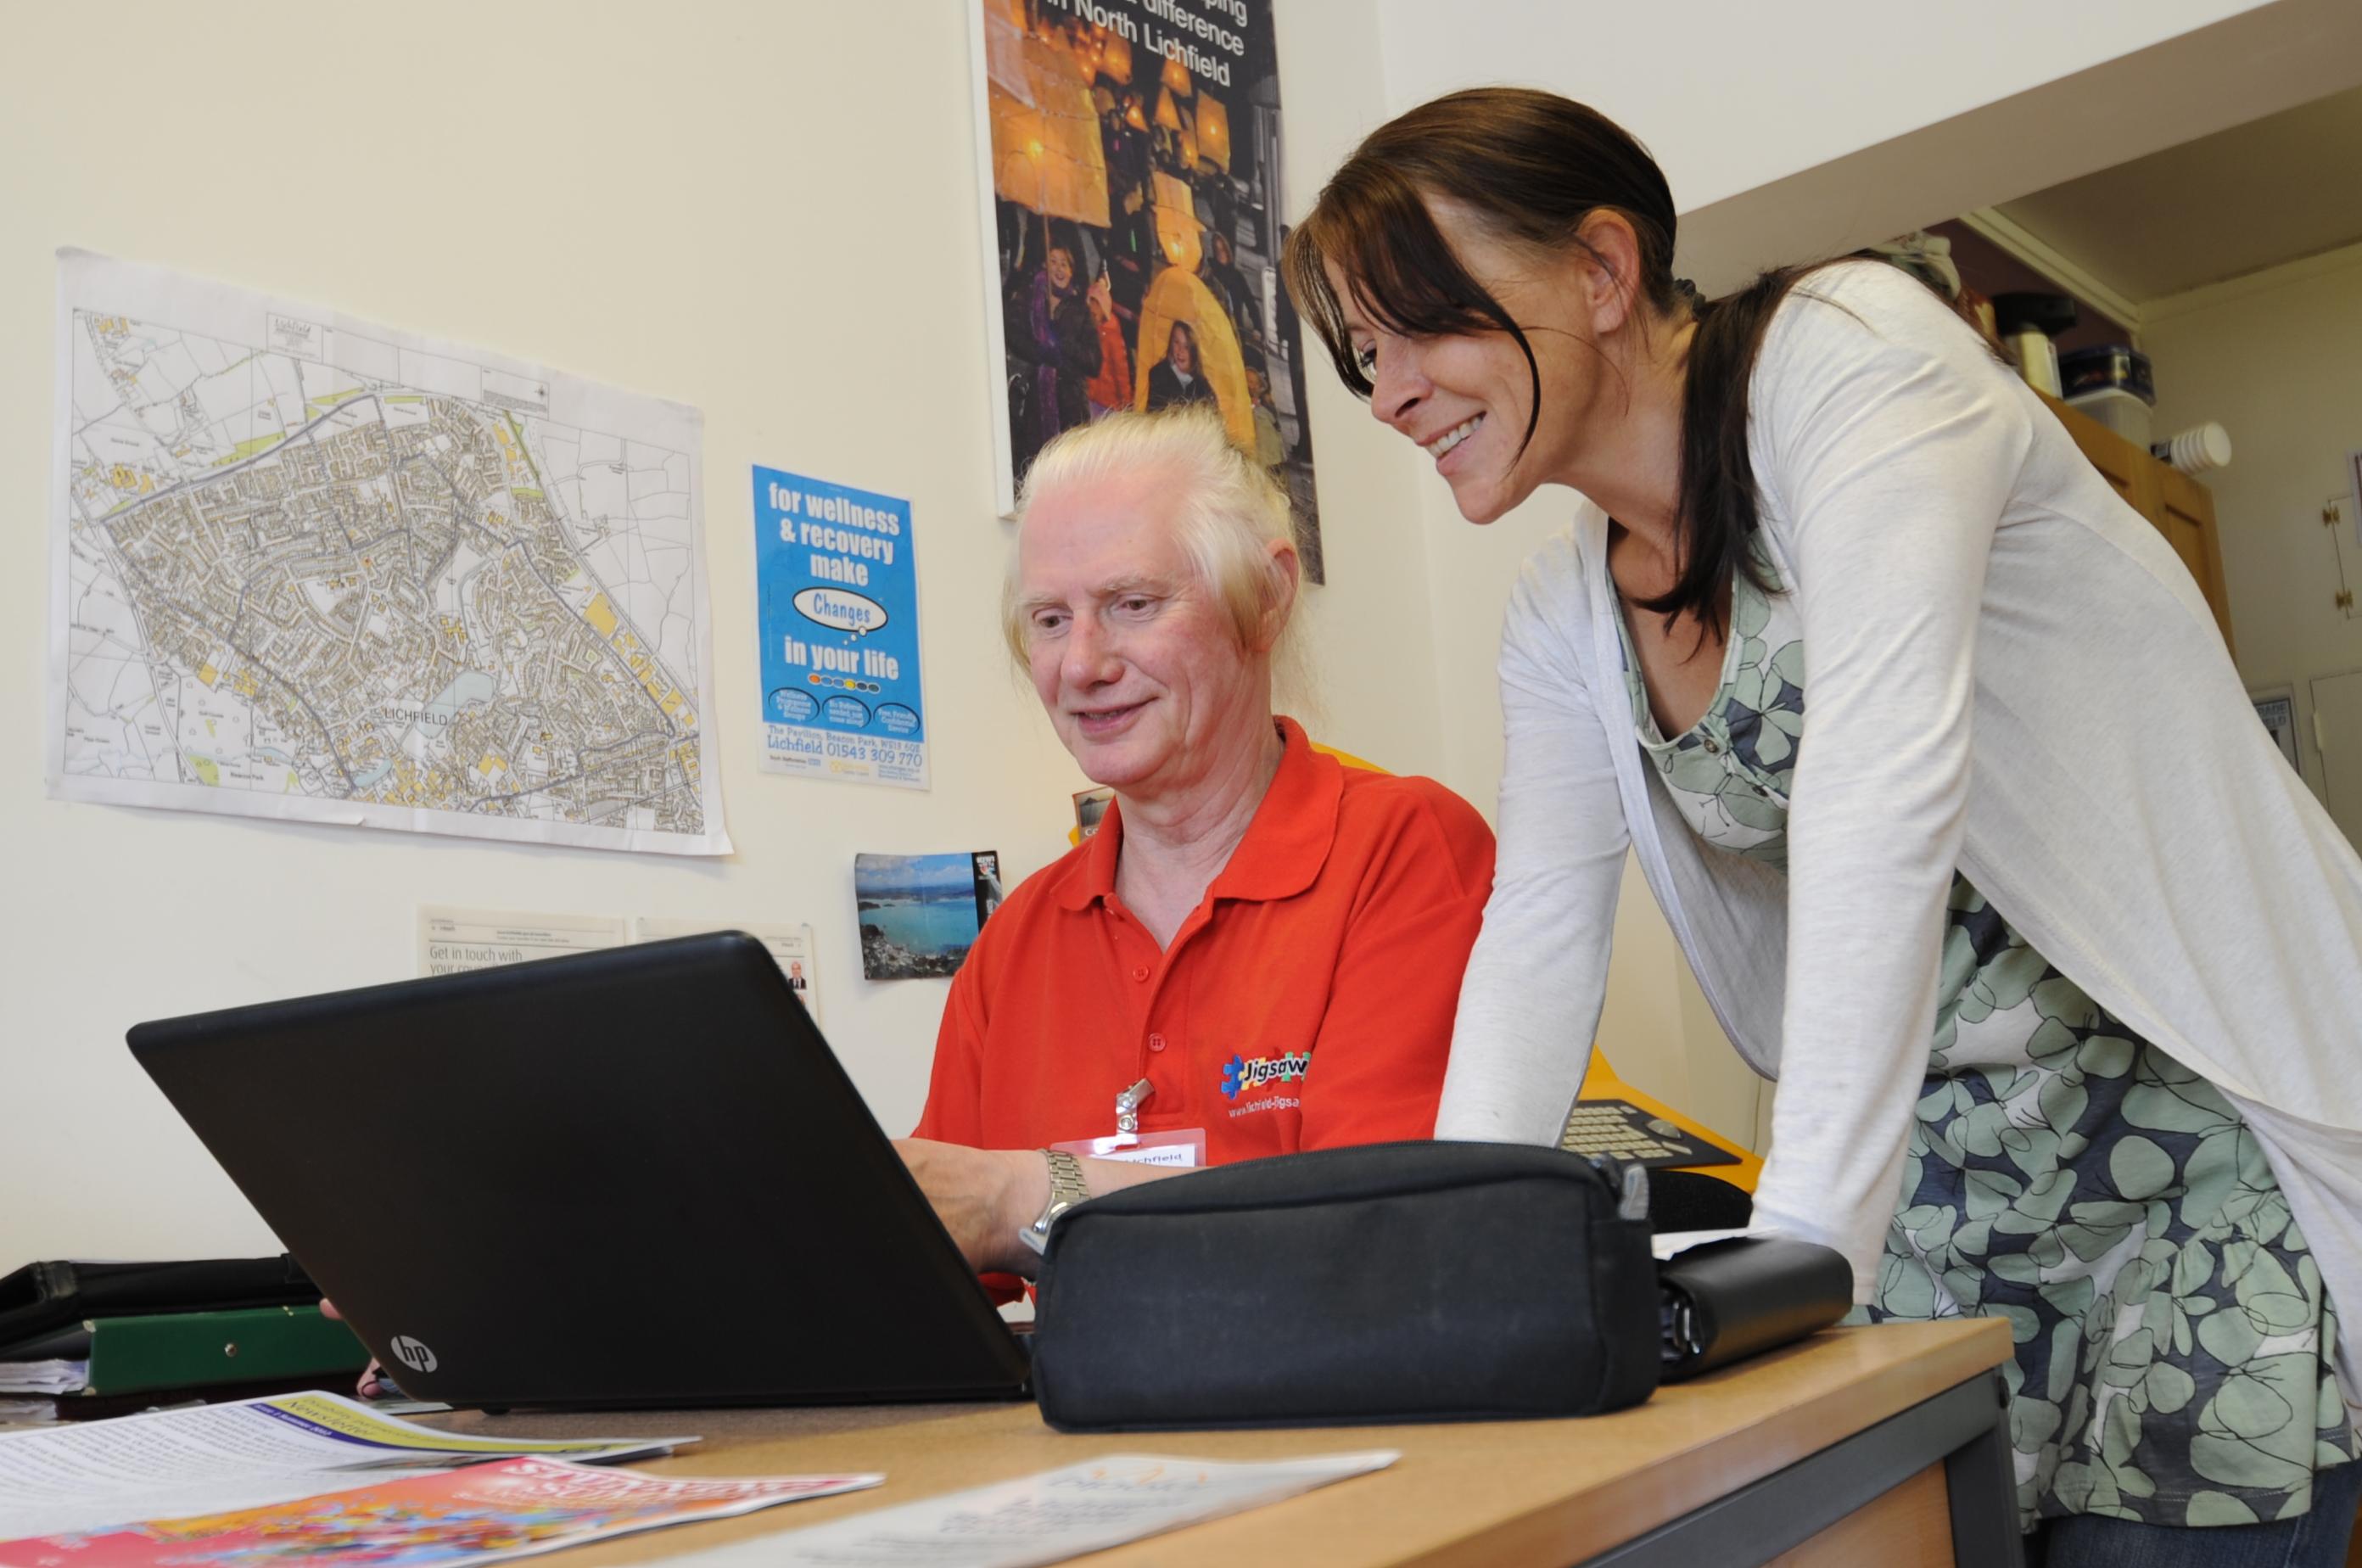 A gentleman receives computer training